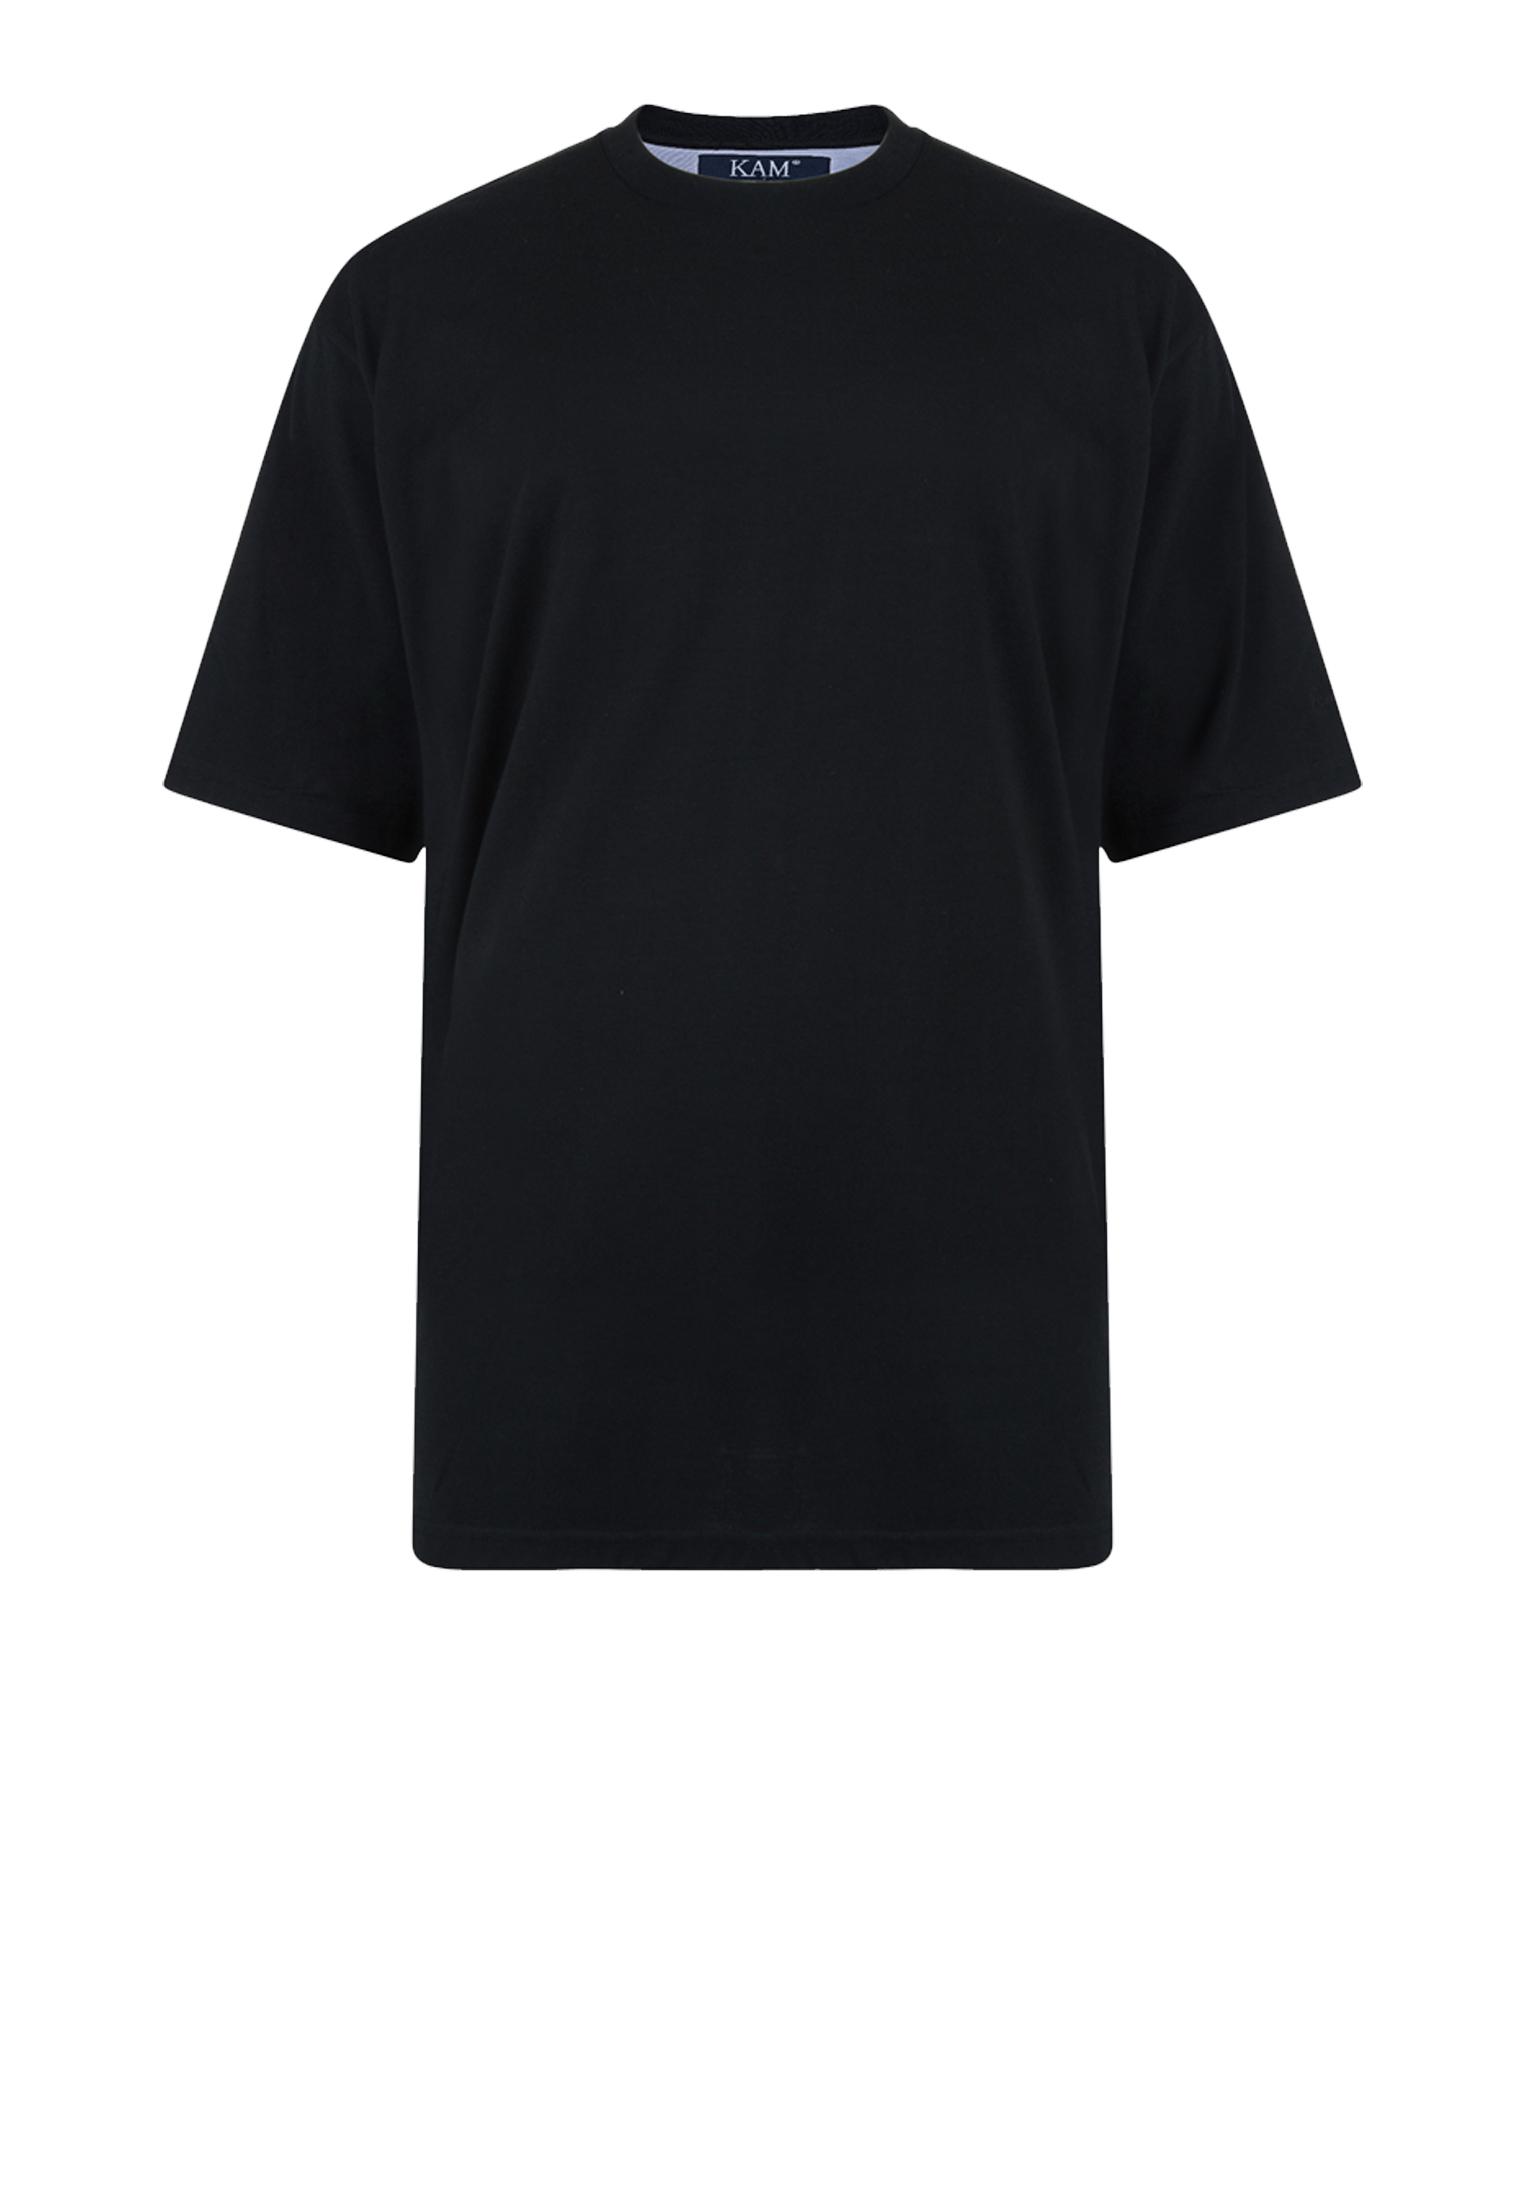 KAM JEANSWEAR effen kleur t-shirt met ronde hals in de kleur zwart.